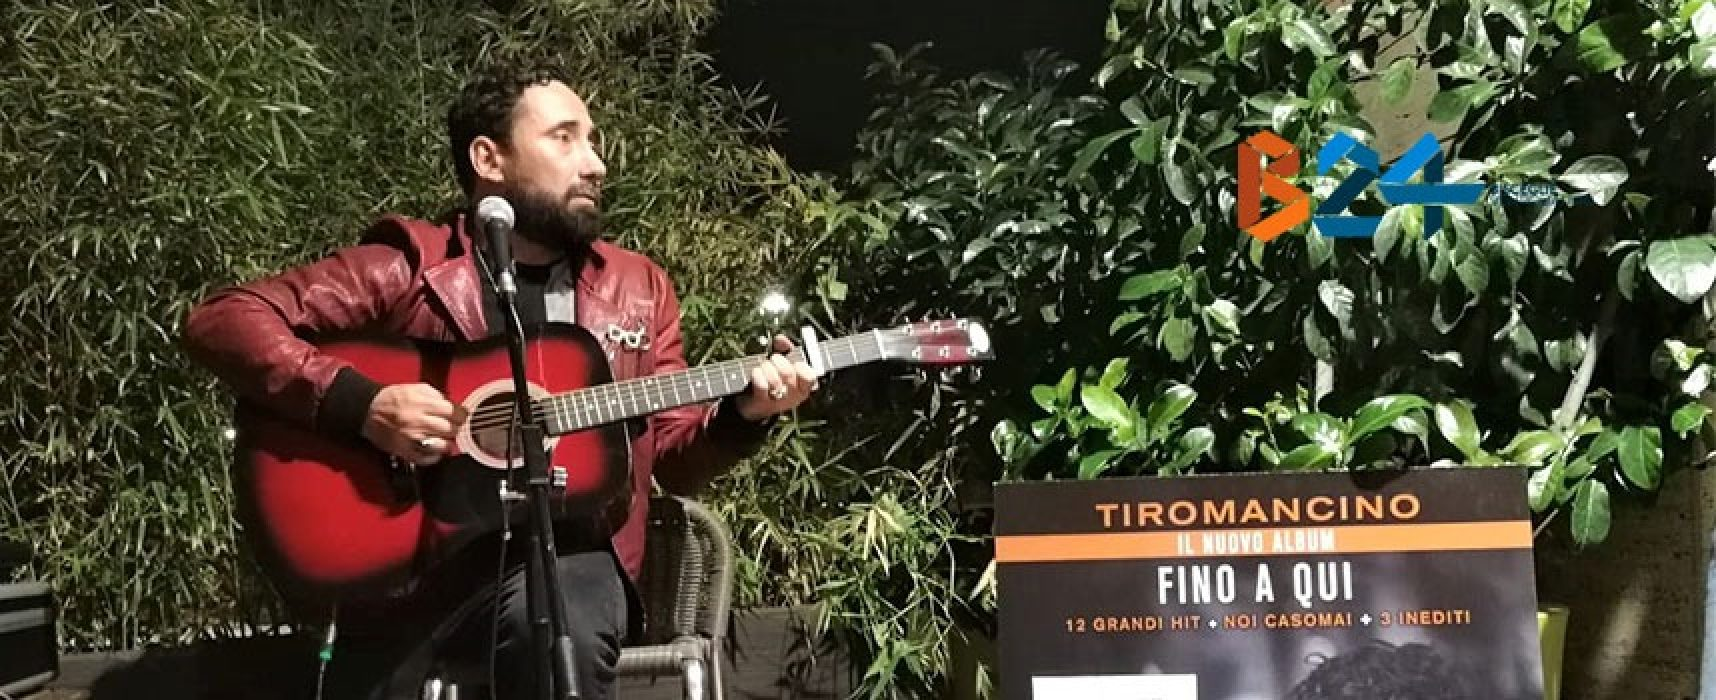 """I Tiromancino a Bisceglie: incontro con i fan per l'instore tour """"Fino a qui"""""""